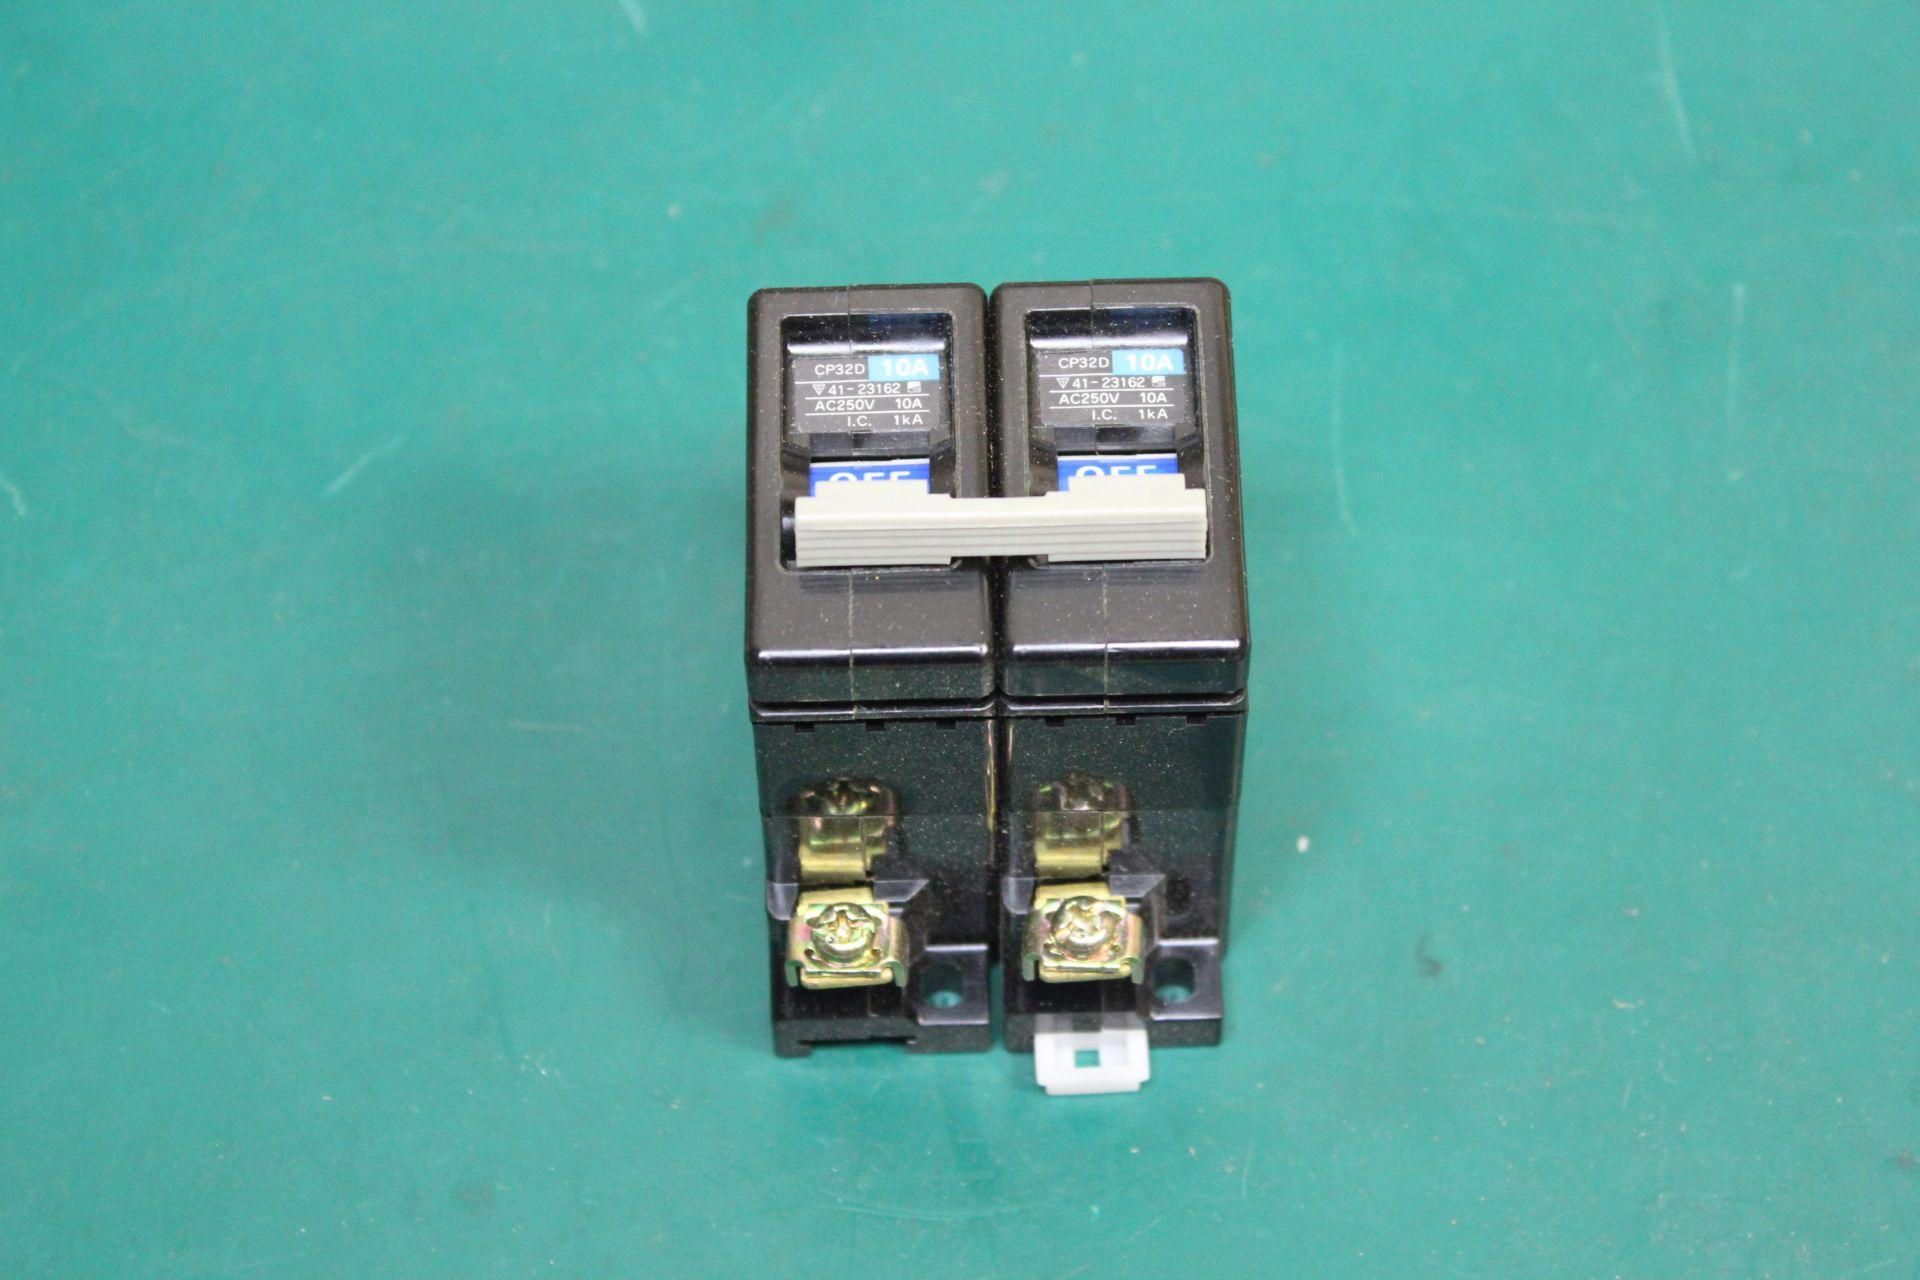 NEW FUJI ELECTRIC CIRCUIT BREAKER PROTECTOR - Image 2 of 3